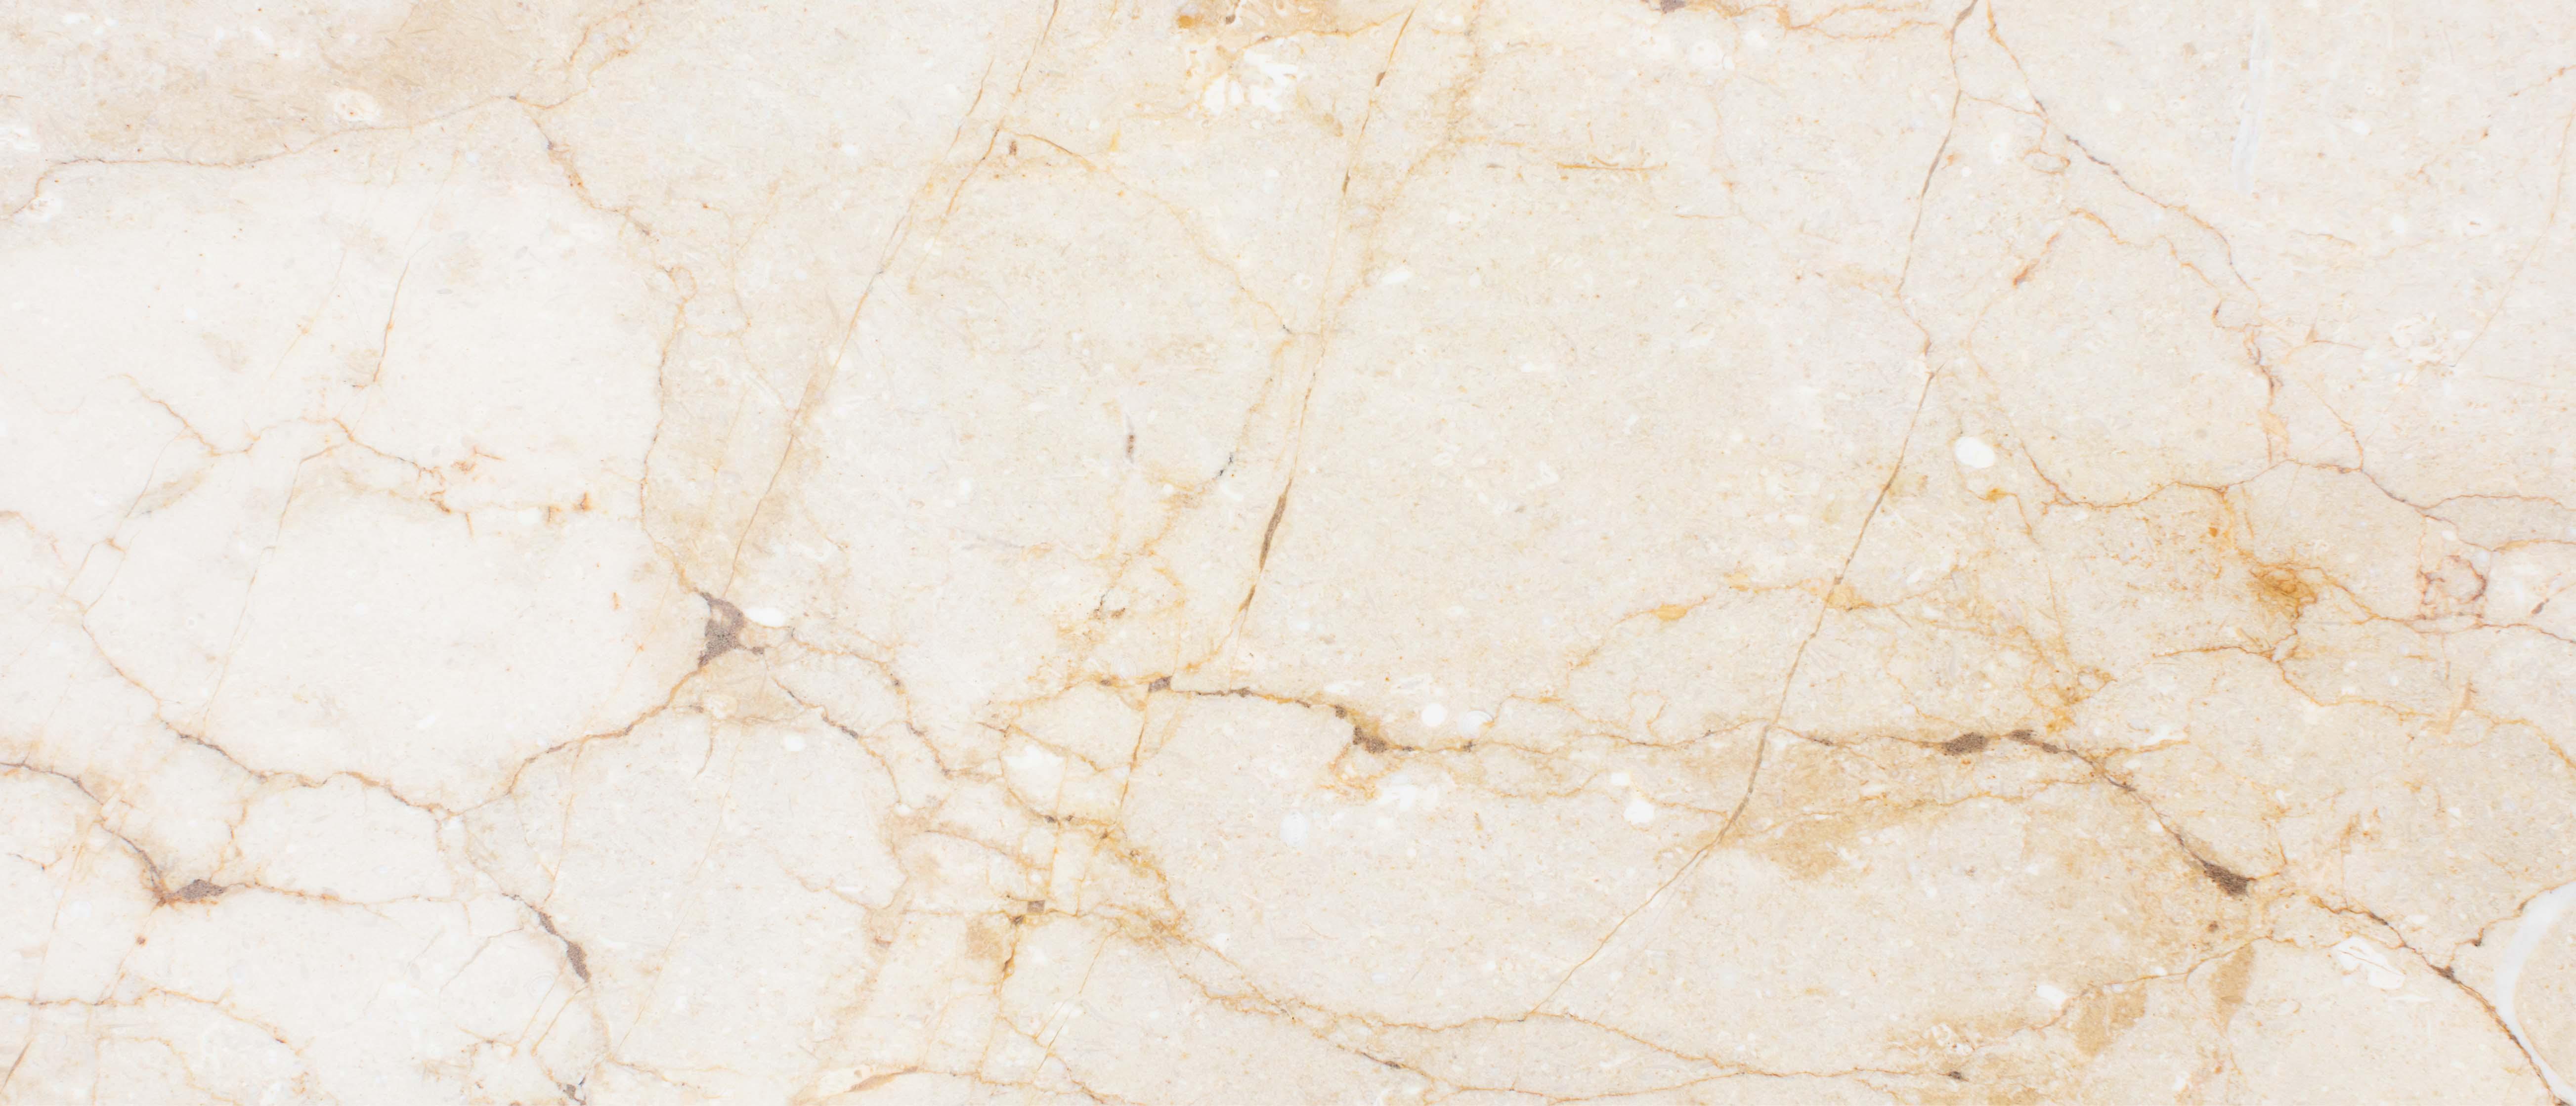 fundo-pedra-marmore